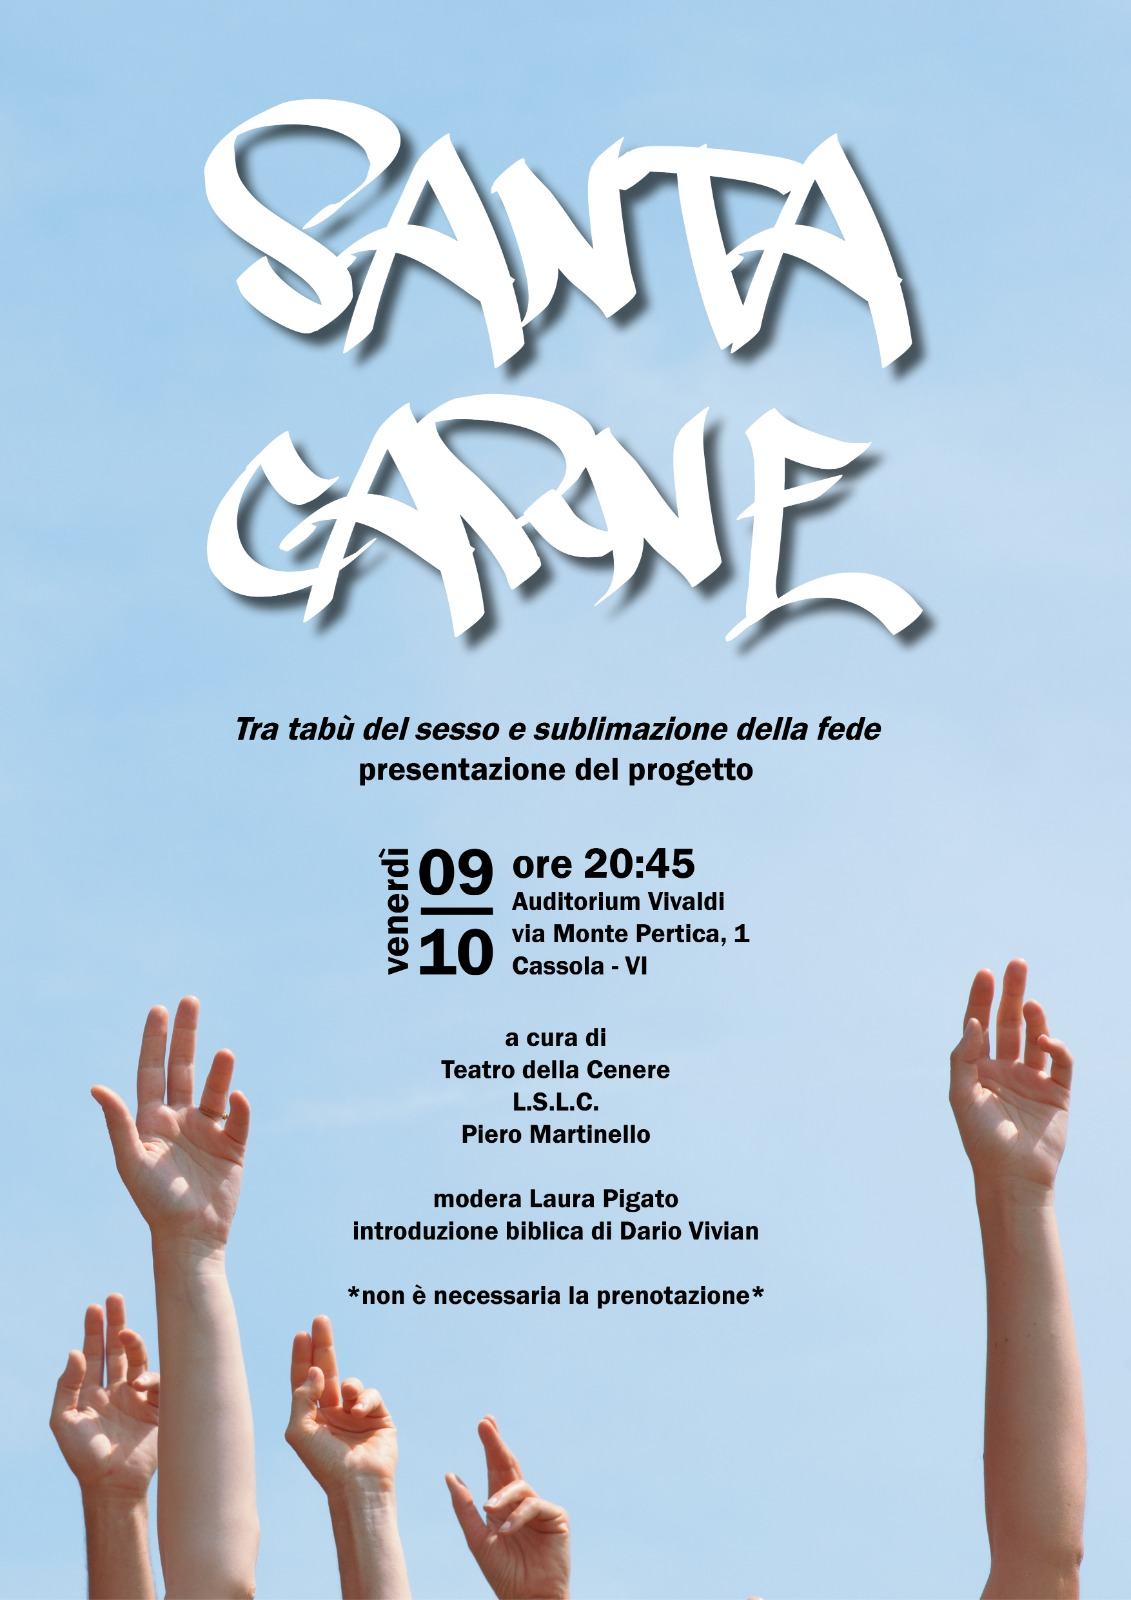 09.10.2020, VICENZA: Santa Carne